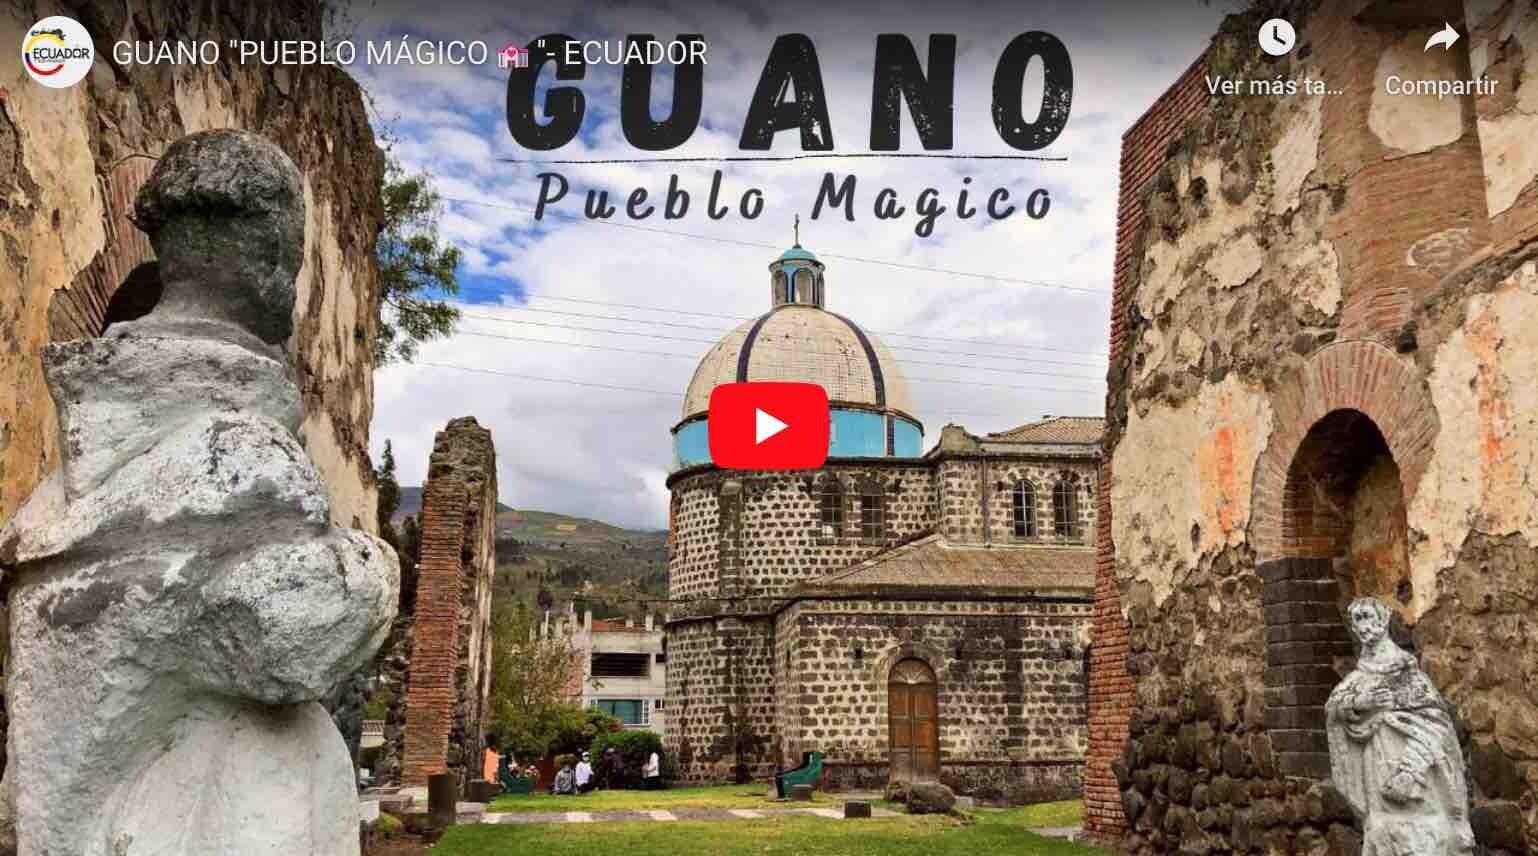 """VIDEO: GUANO """"PUEBLO MÁGICO 💒"""" DE ECUADOR"""